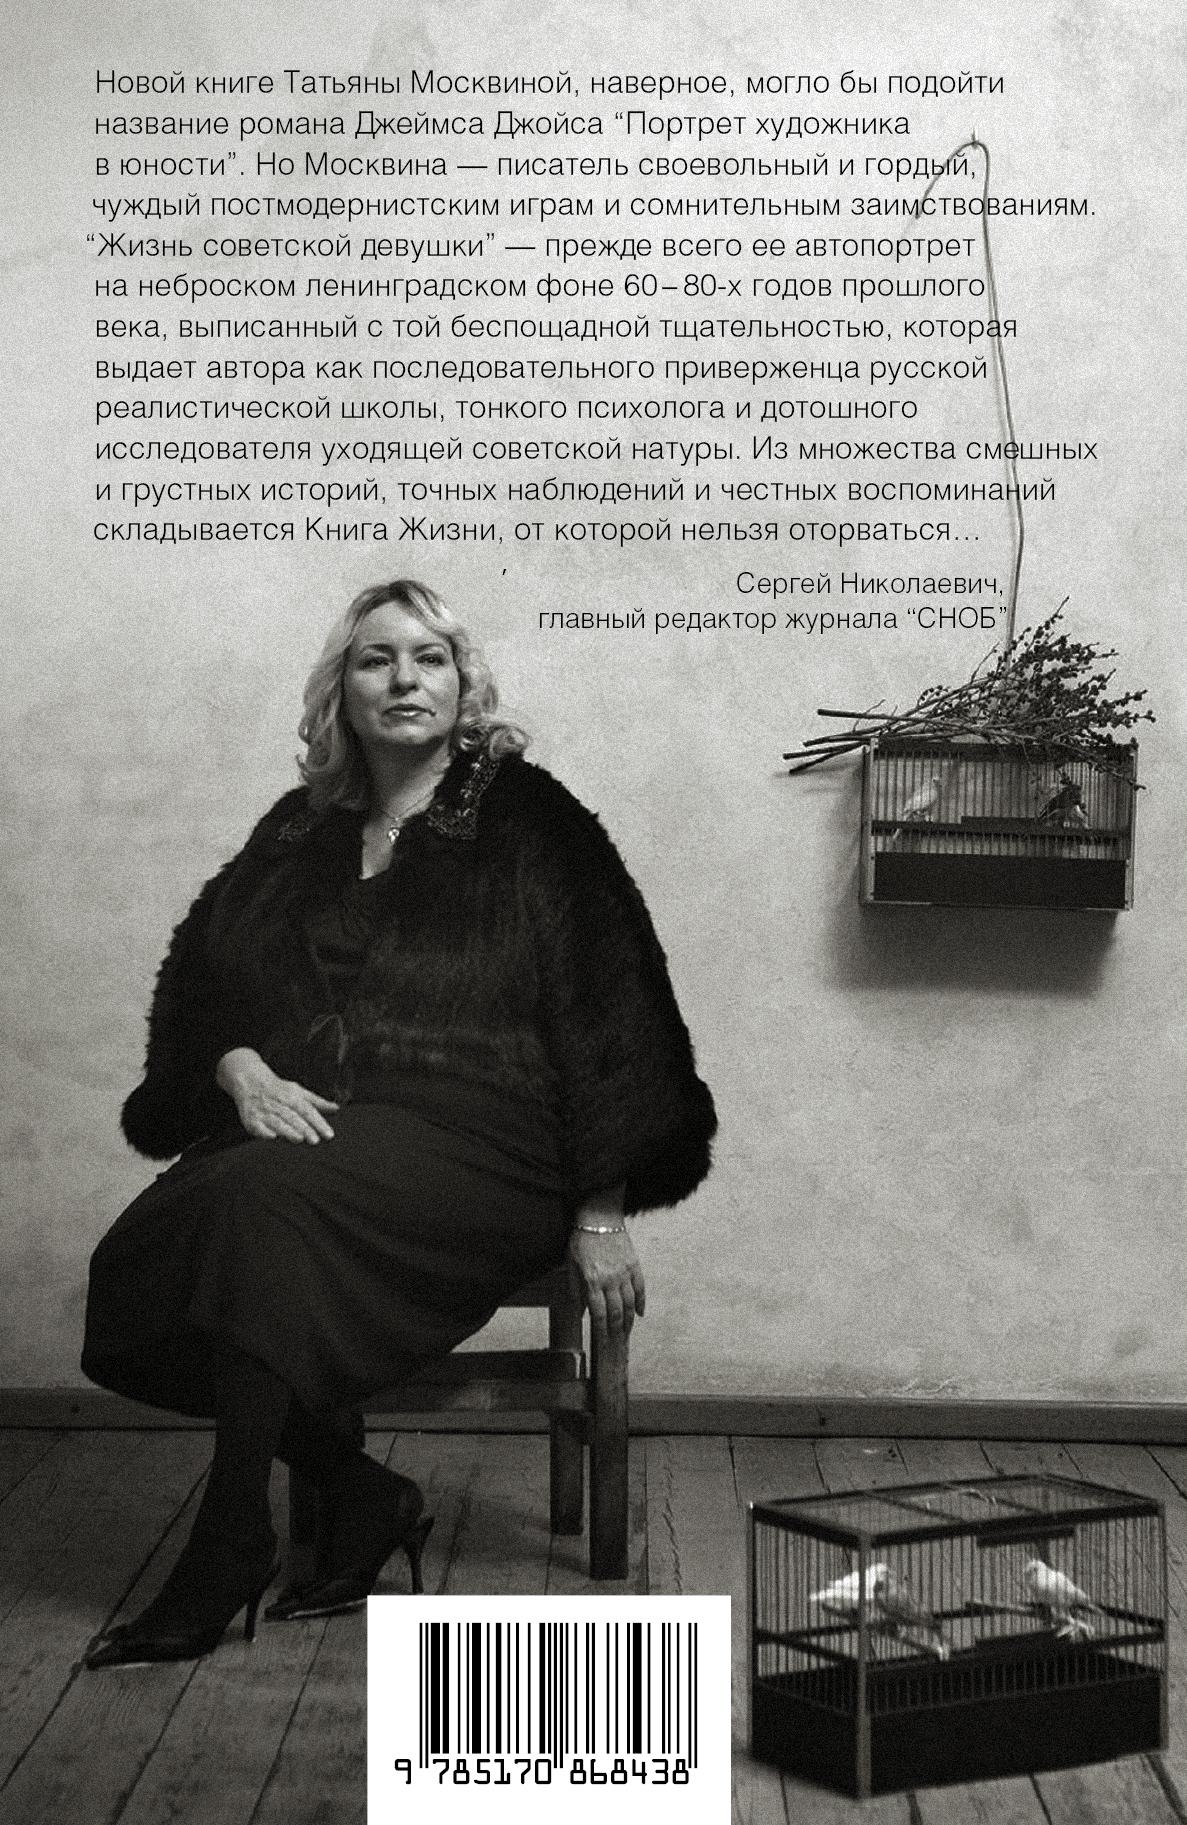 Скачать Жизнь советской девушки. Биороман быстро